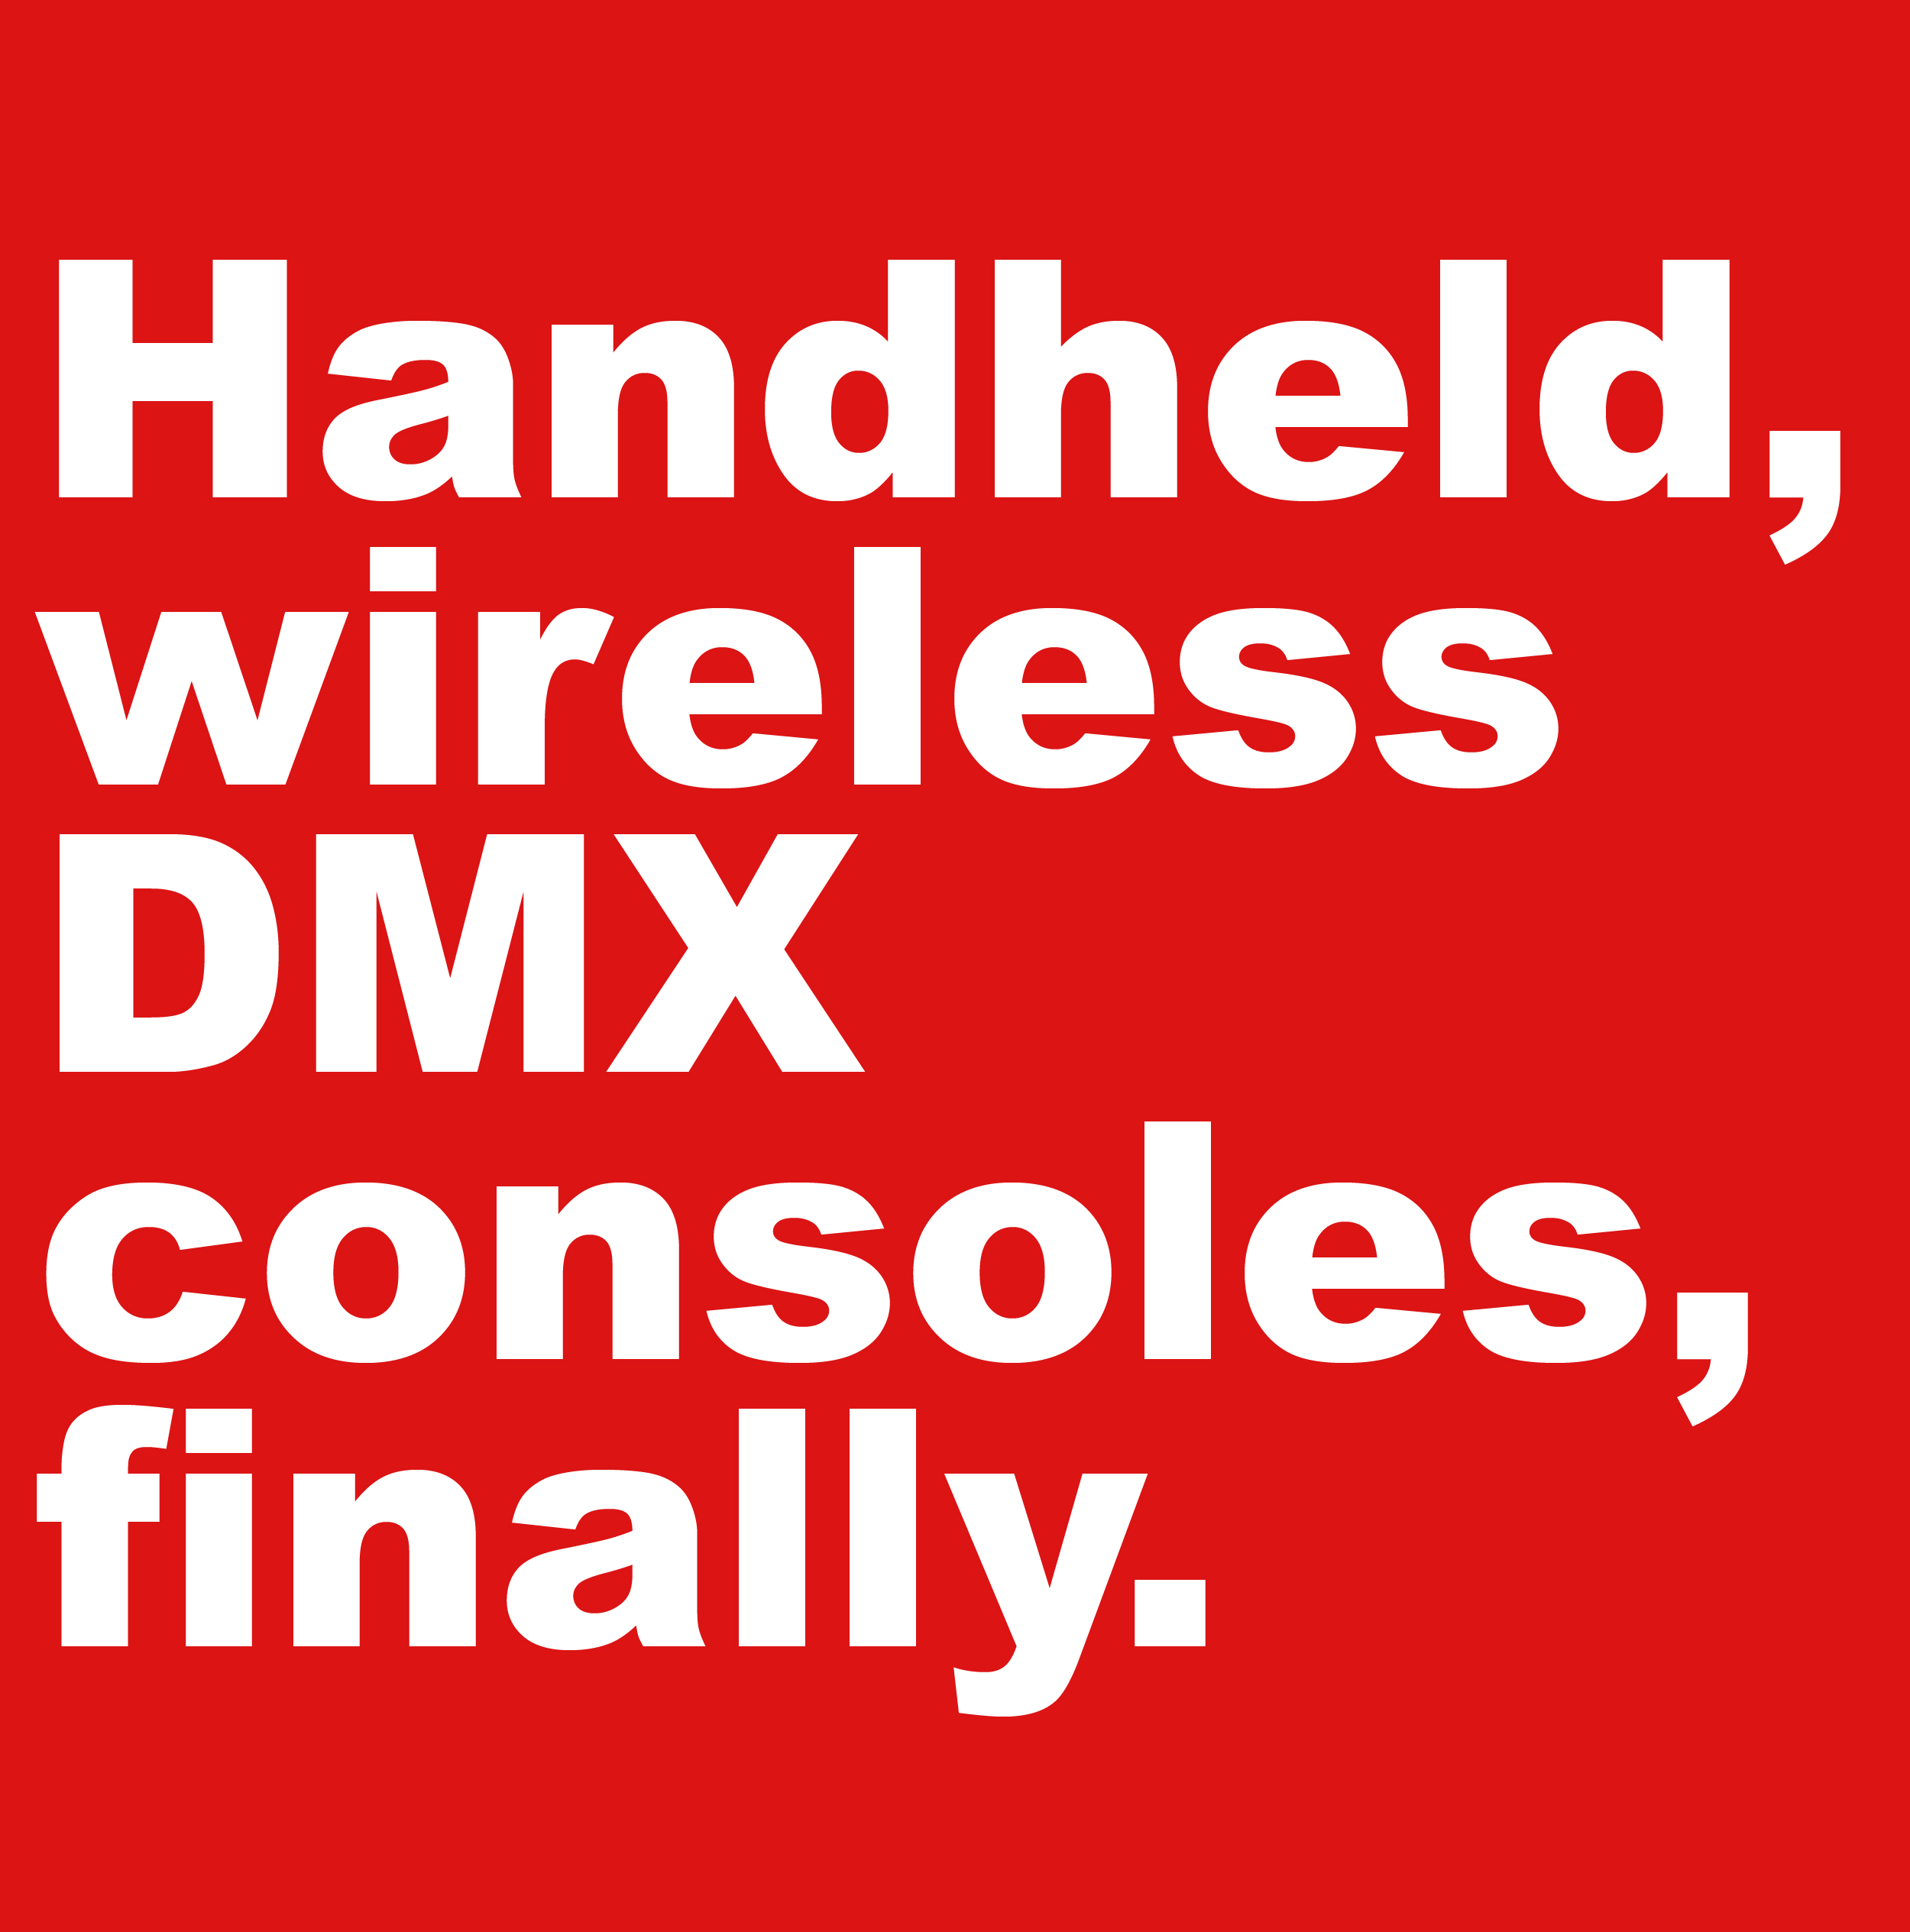 dmx ad.jpg